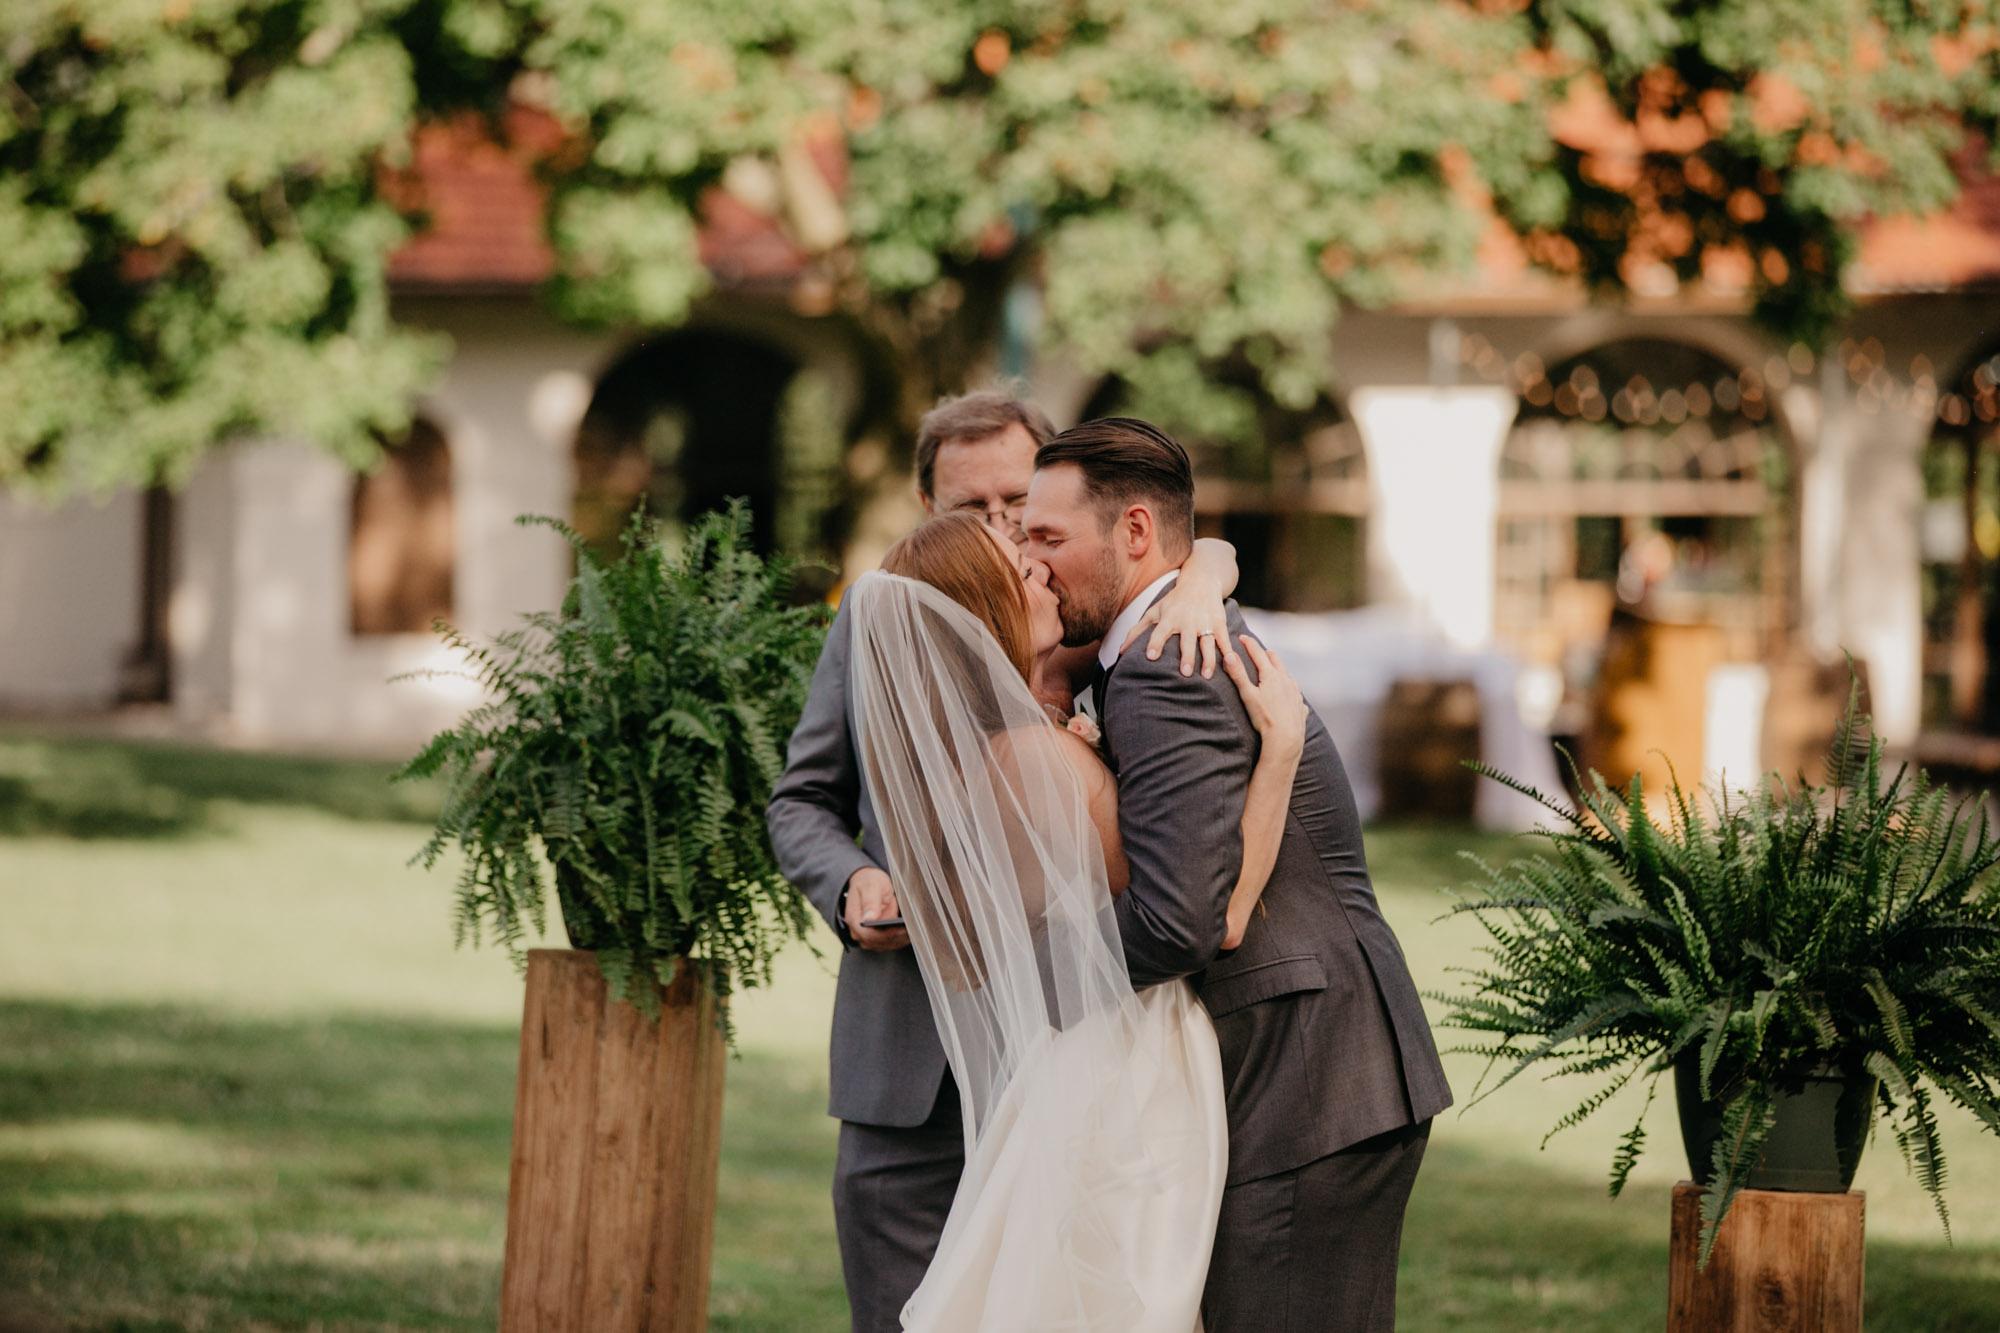 elmwood-park-wedding-photographer-nicole-jon-23.jpg